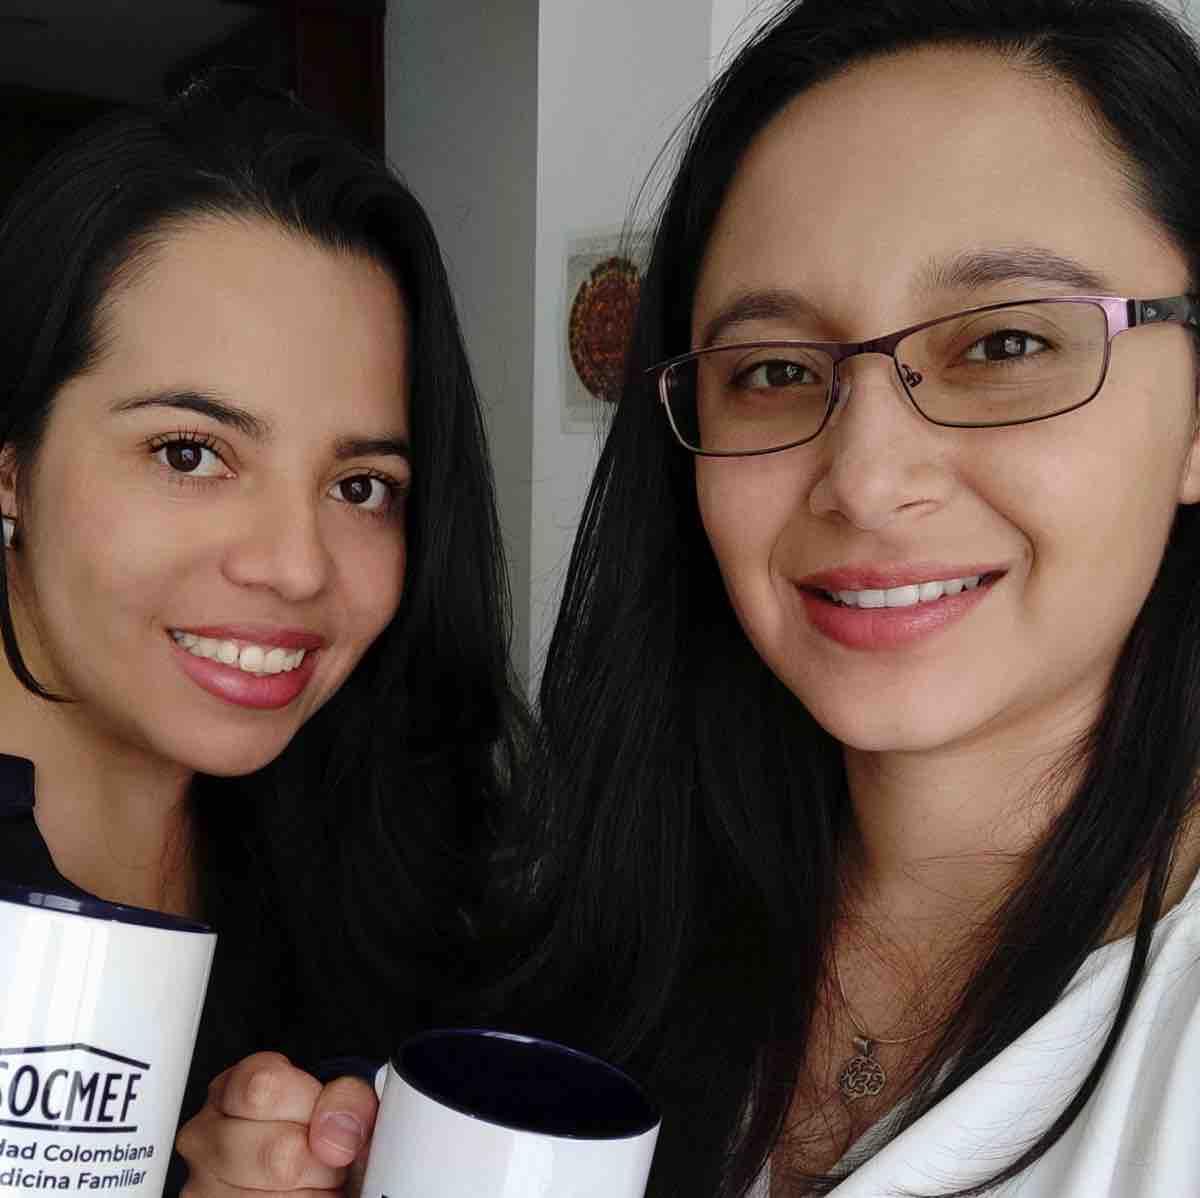 Nathalia Lucia Jaime Martínez y María Alejandra León Solarte, ganadoras del encuentro internacional de medicina - Fotografía - Boyacá Sie7e Días.